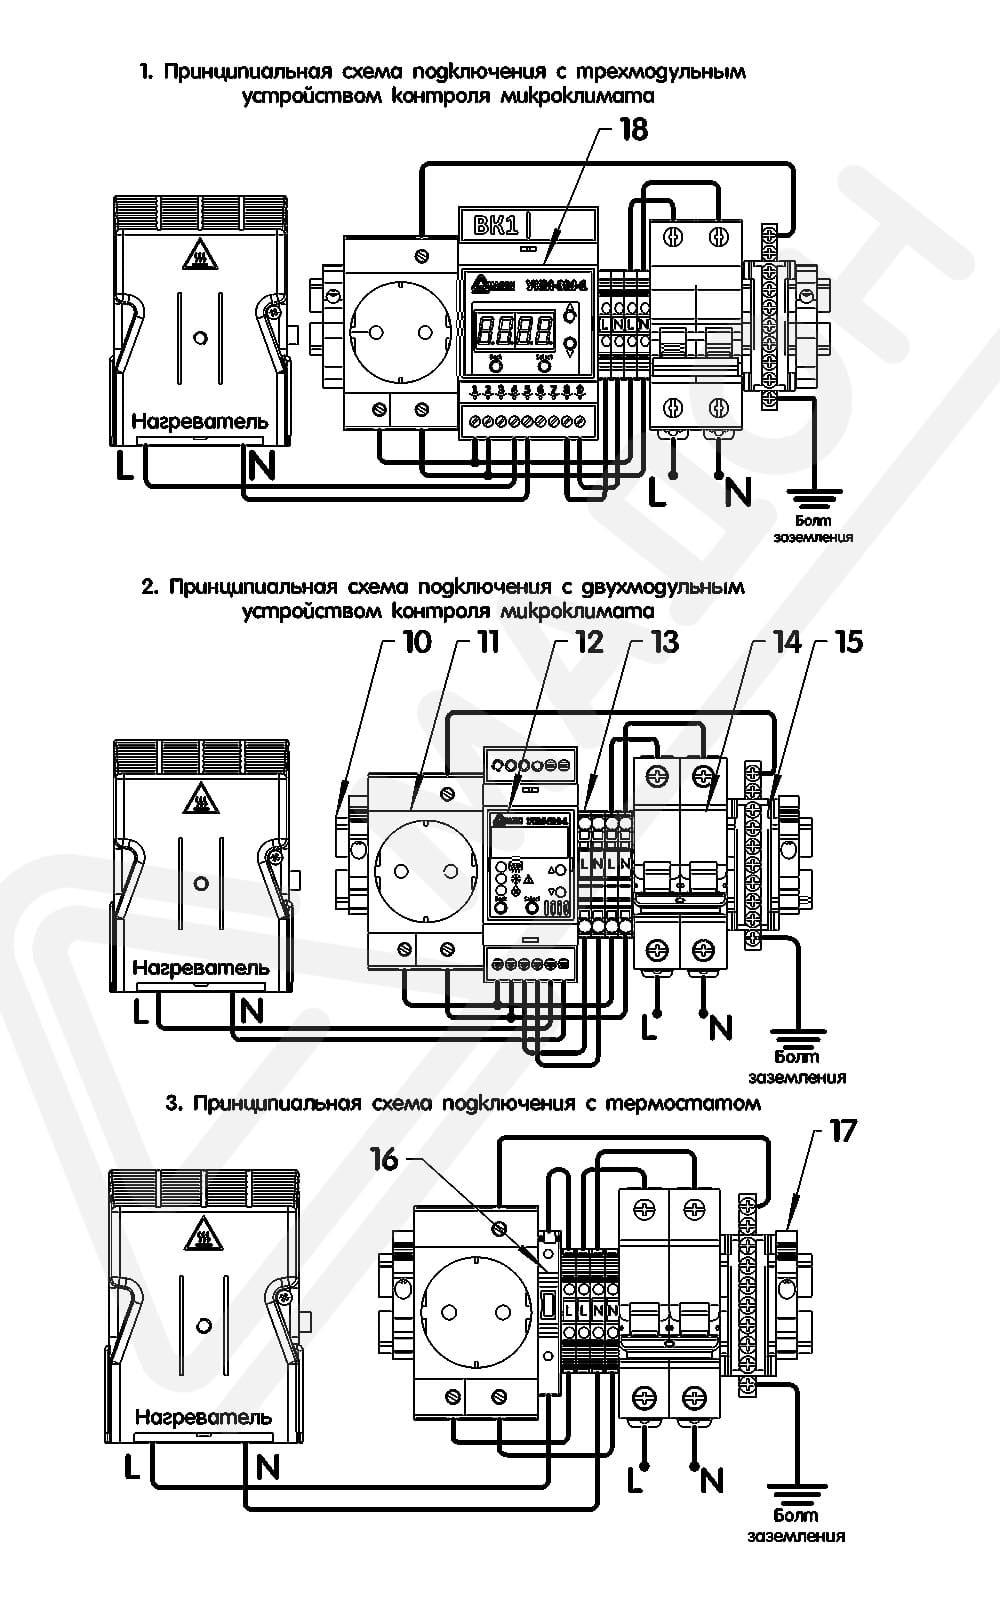 Термошкаф «Амадон» с обогревом — схема электрическая